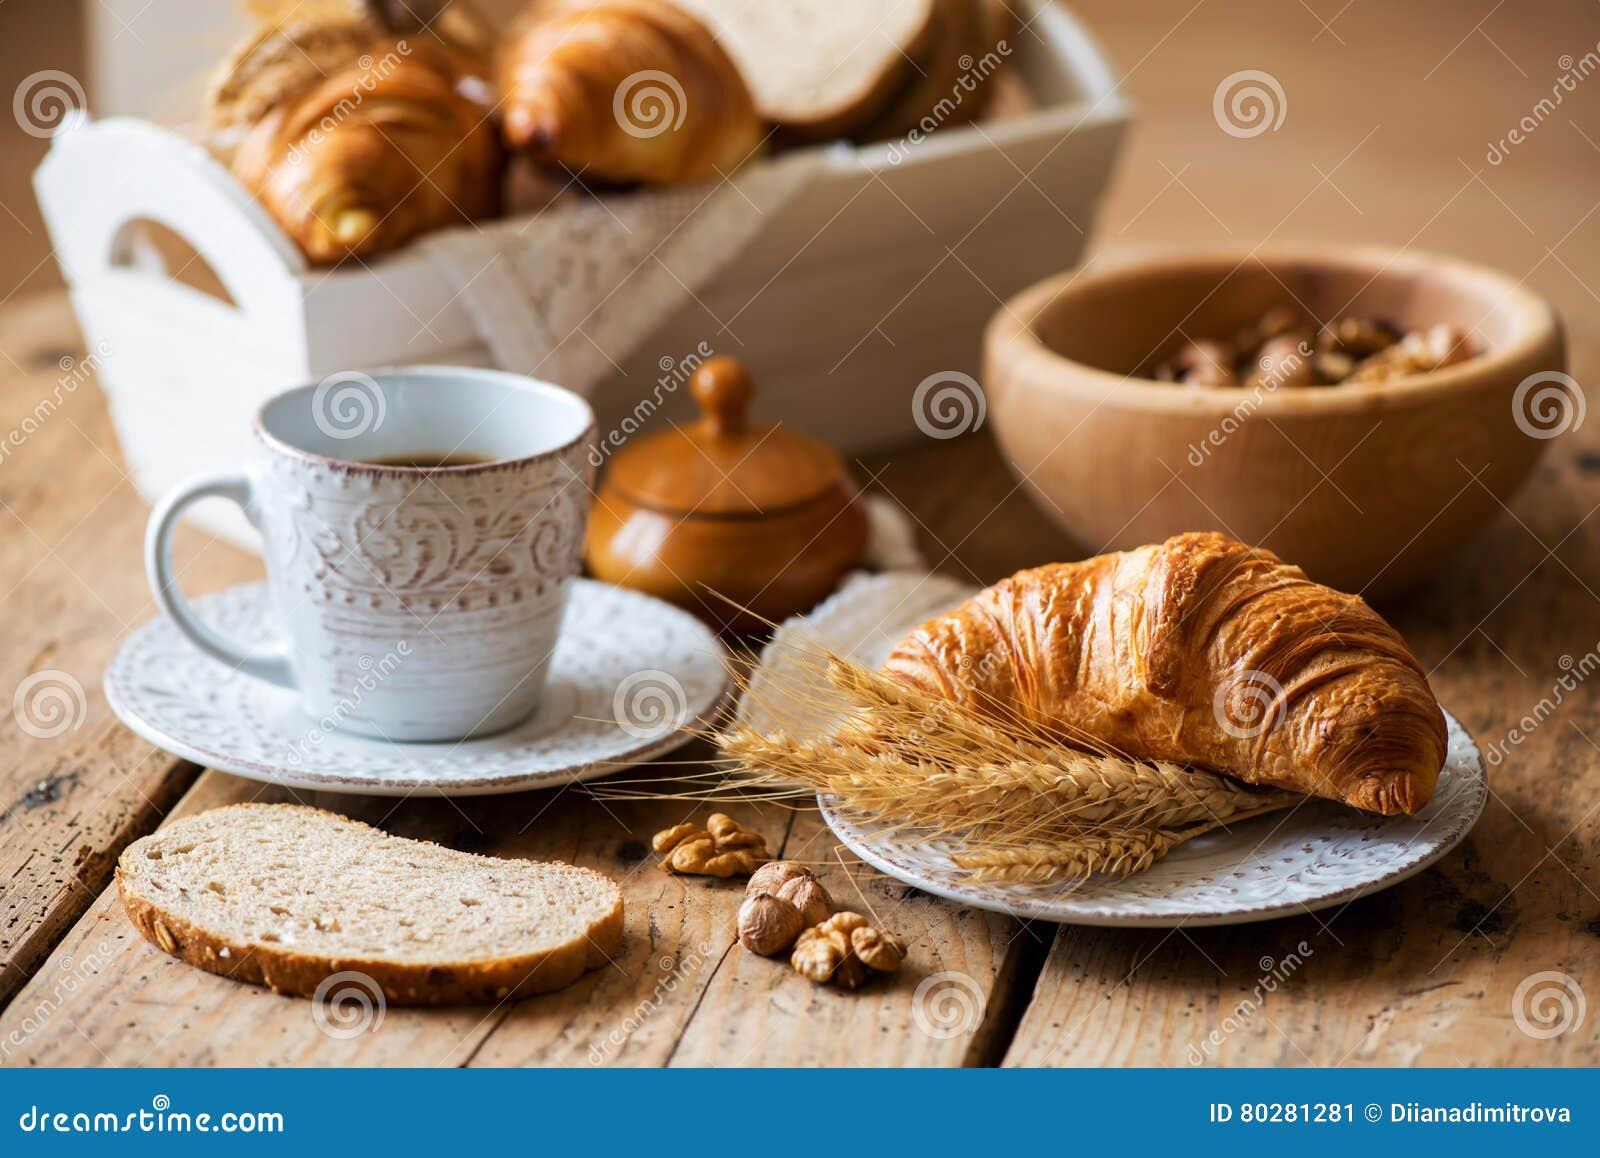 Desayune con los cruasanes recientemente cocidos - estilo del vintage